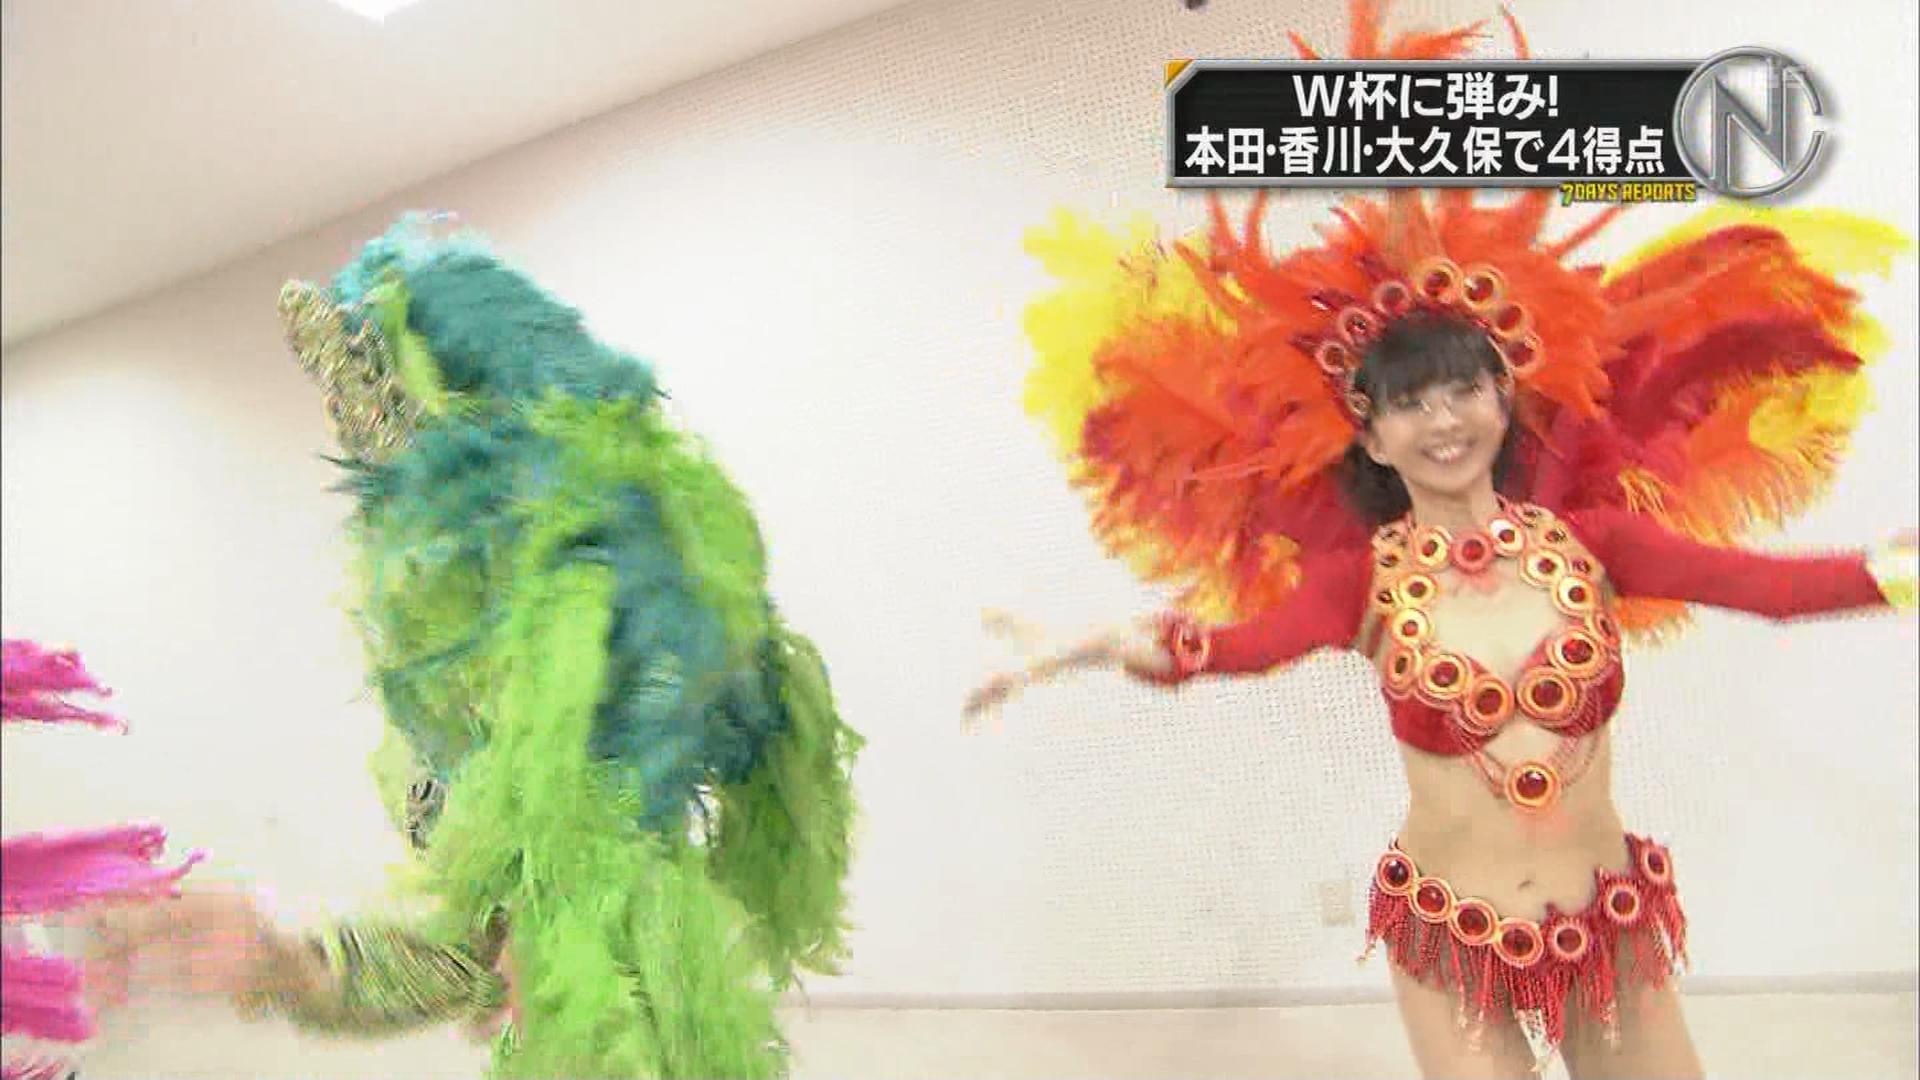 TBSの新・情報7daysニュースキャスターで紹介されたサンバ